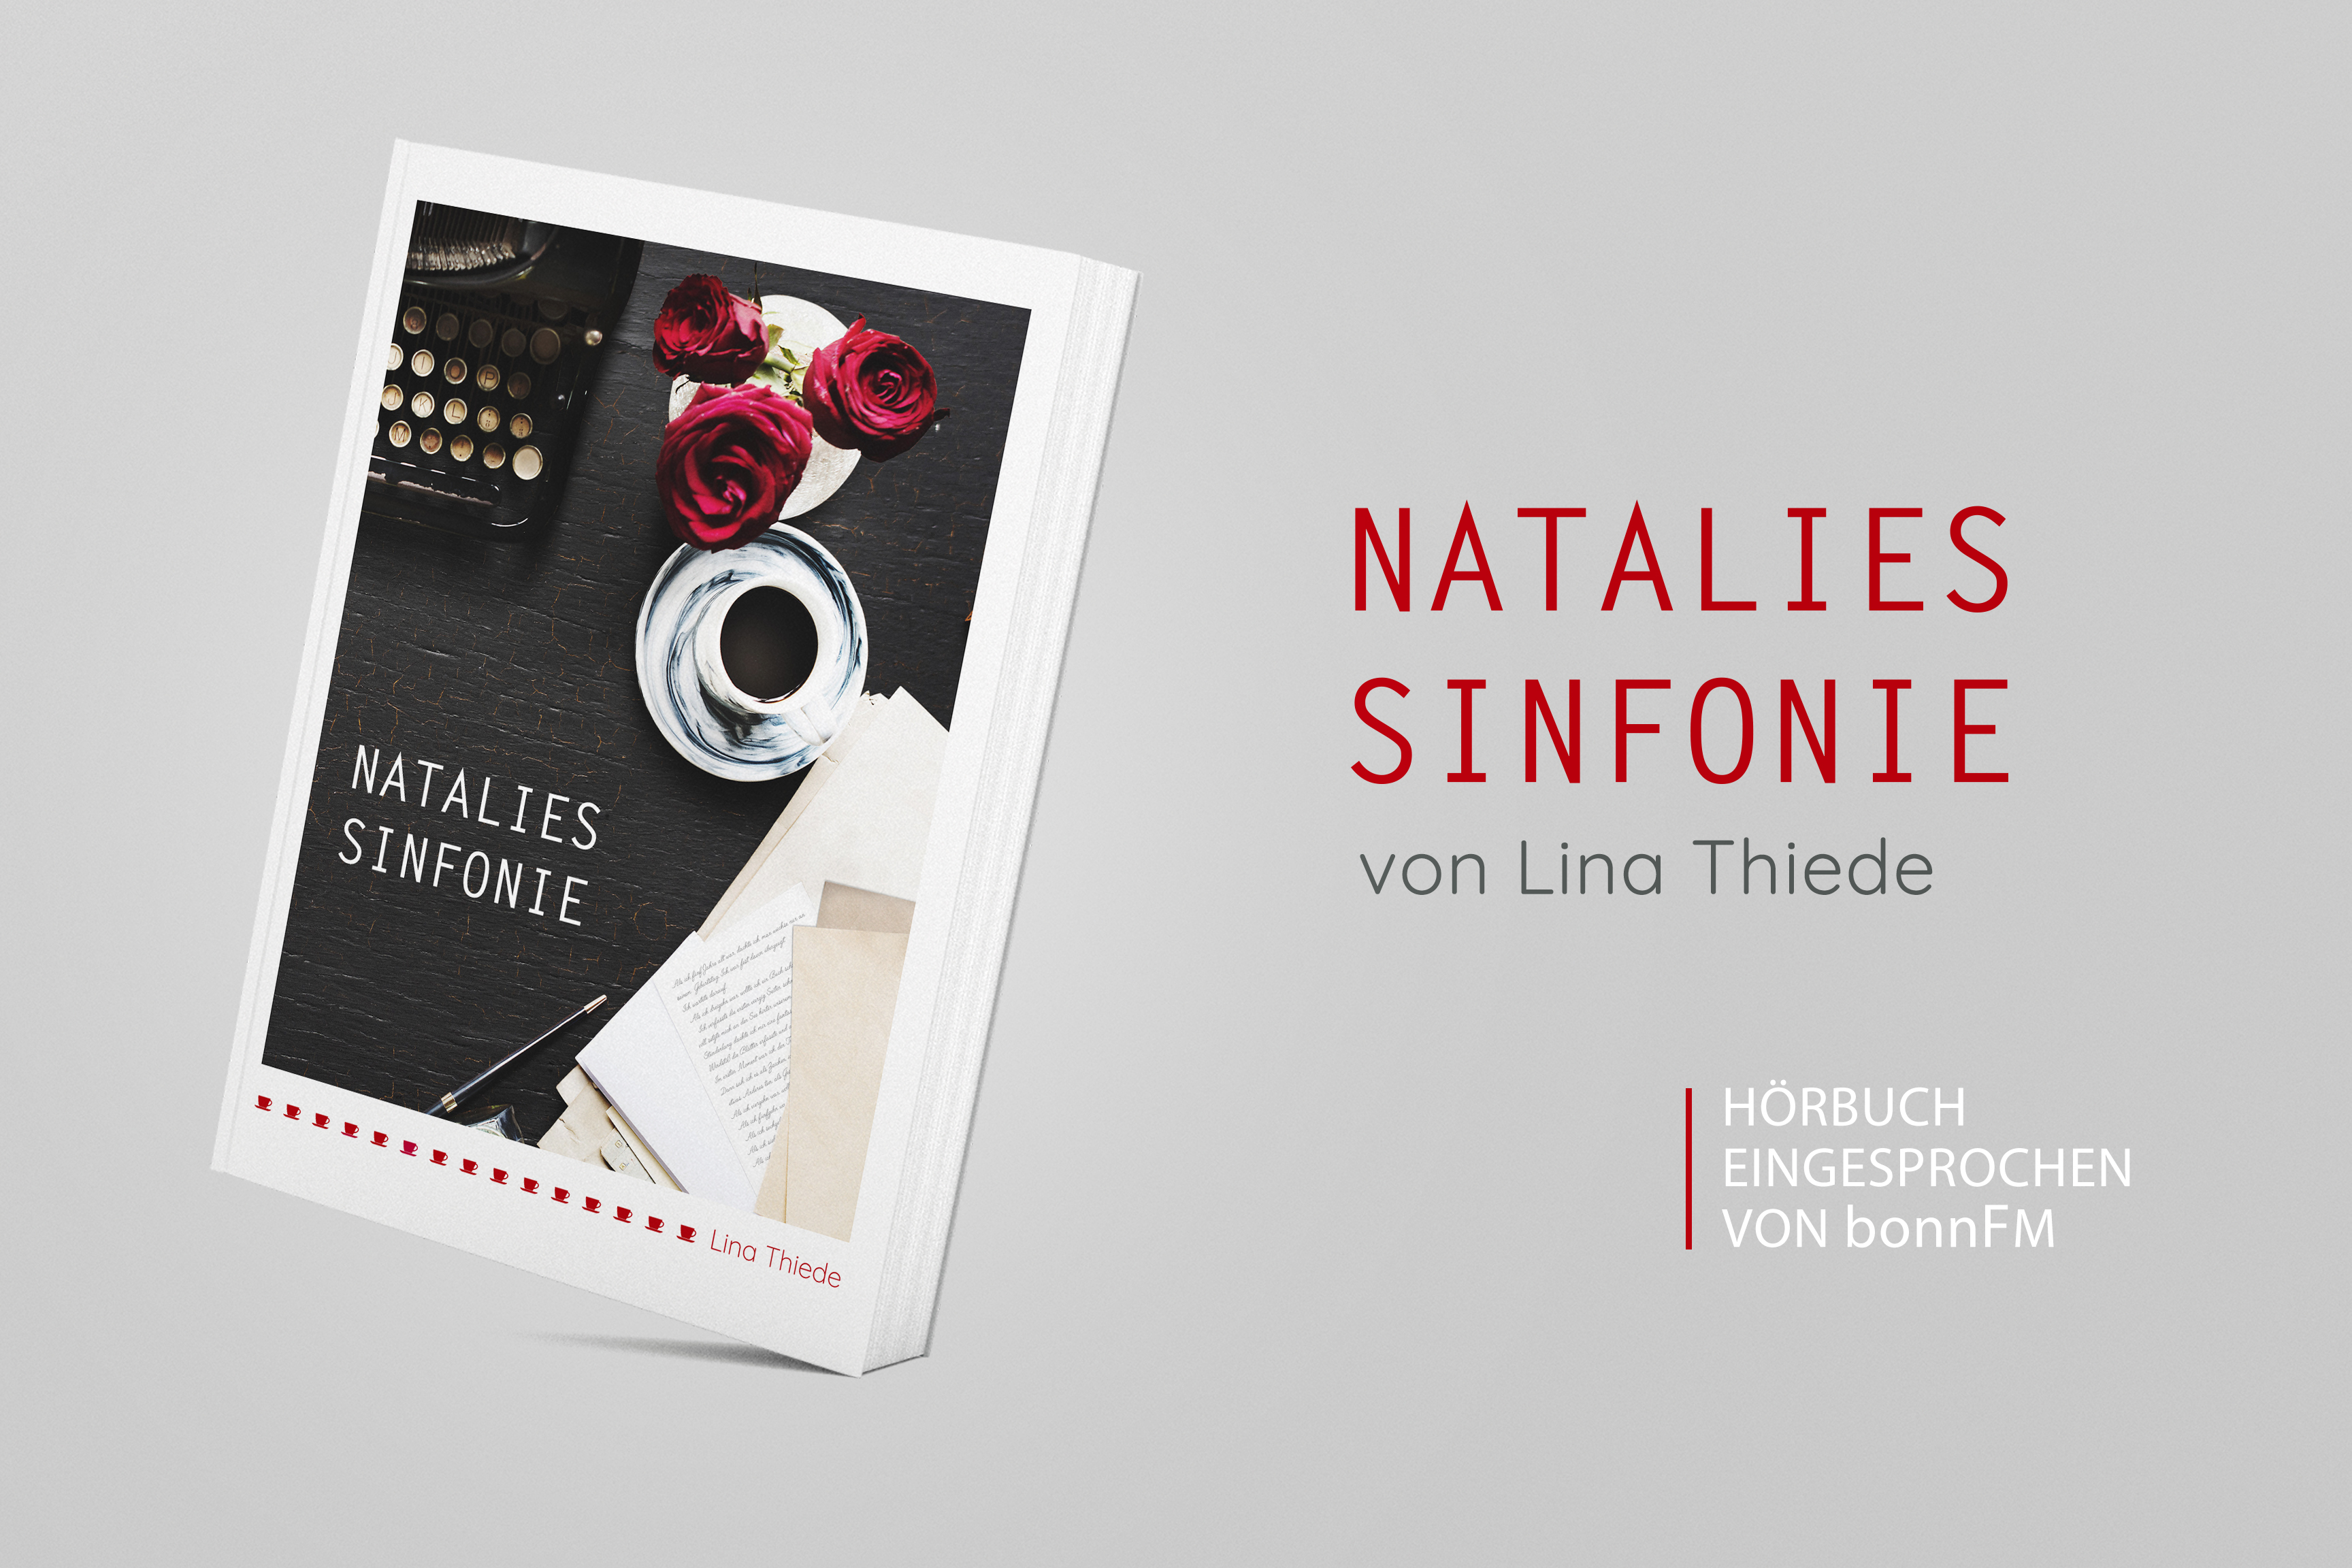 Natalies Sinfonie von Lina Thiede – Kapitel 12: Mondscheinsonate